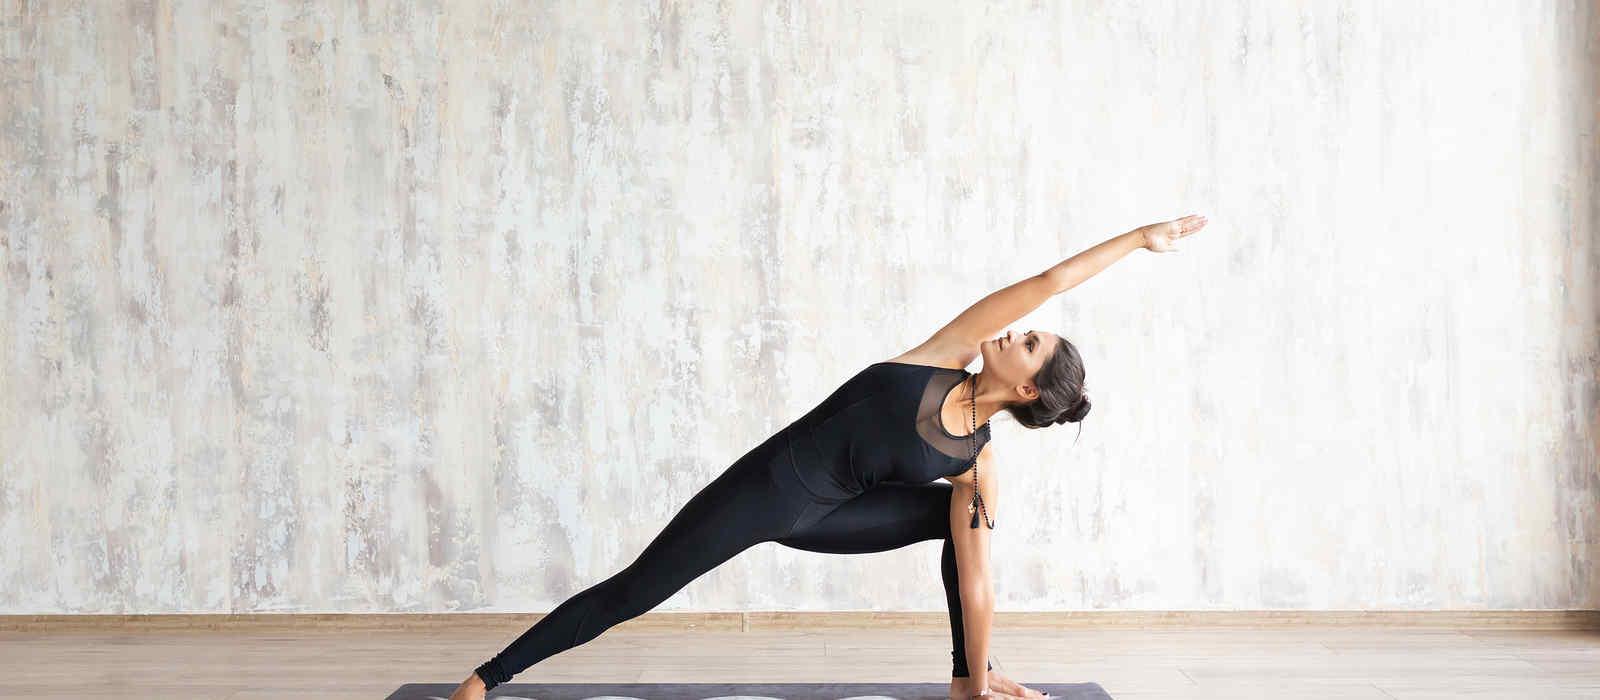 Yoga Stellungen Die Wichtigsten Fakten Uber Asanas Personalfitness